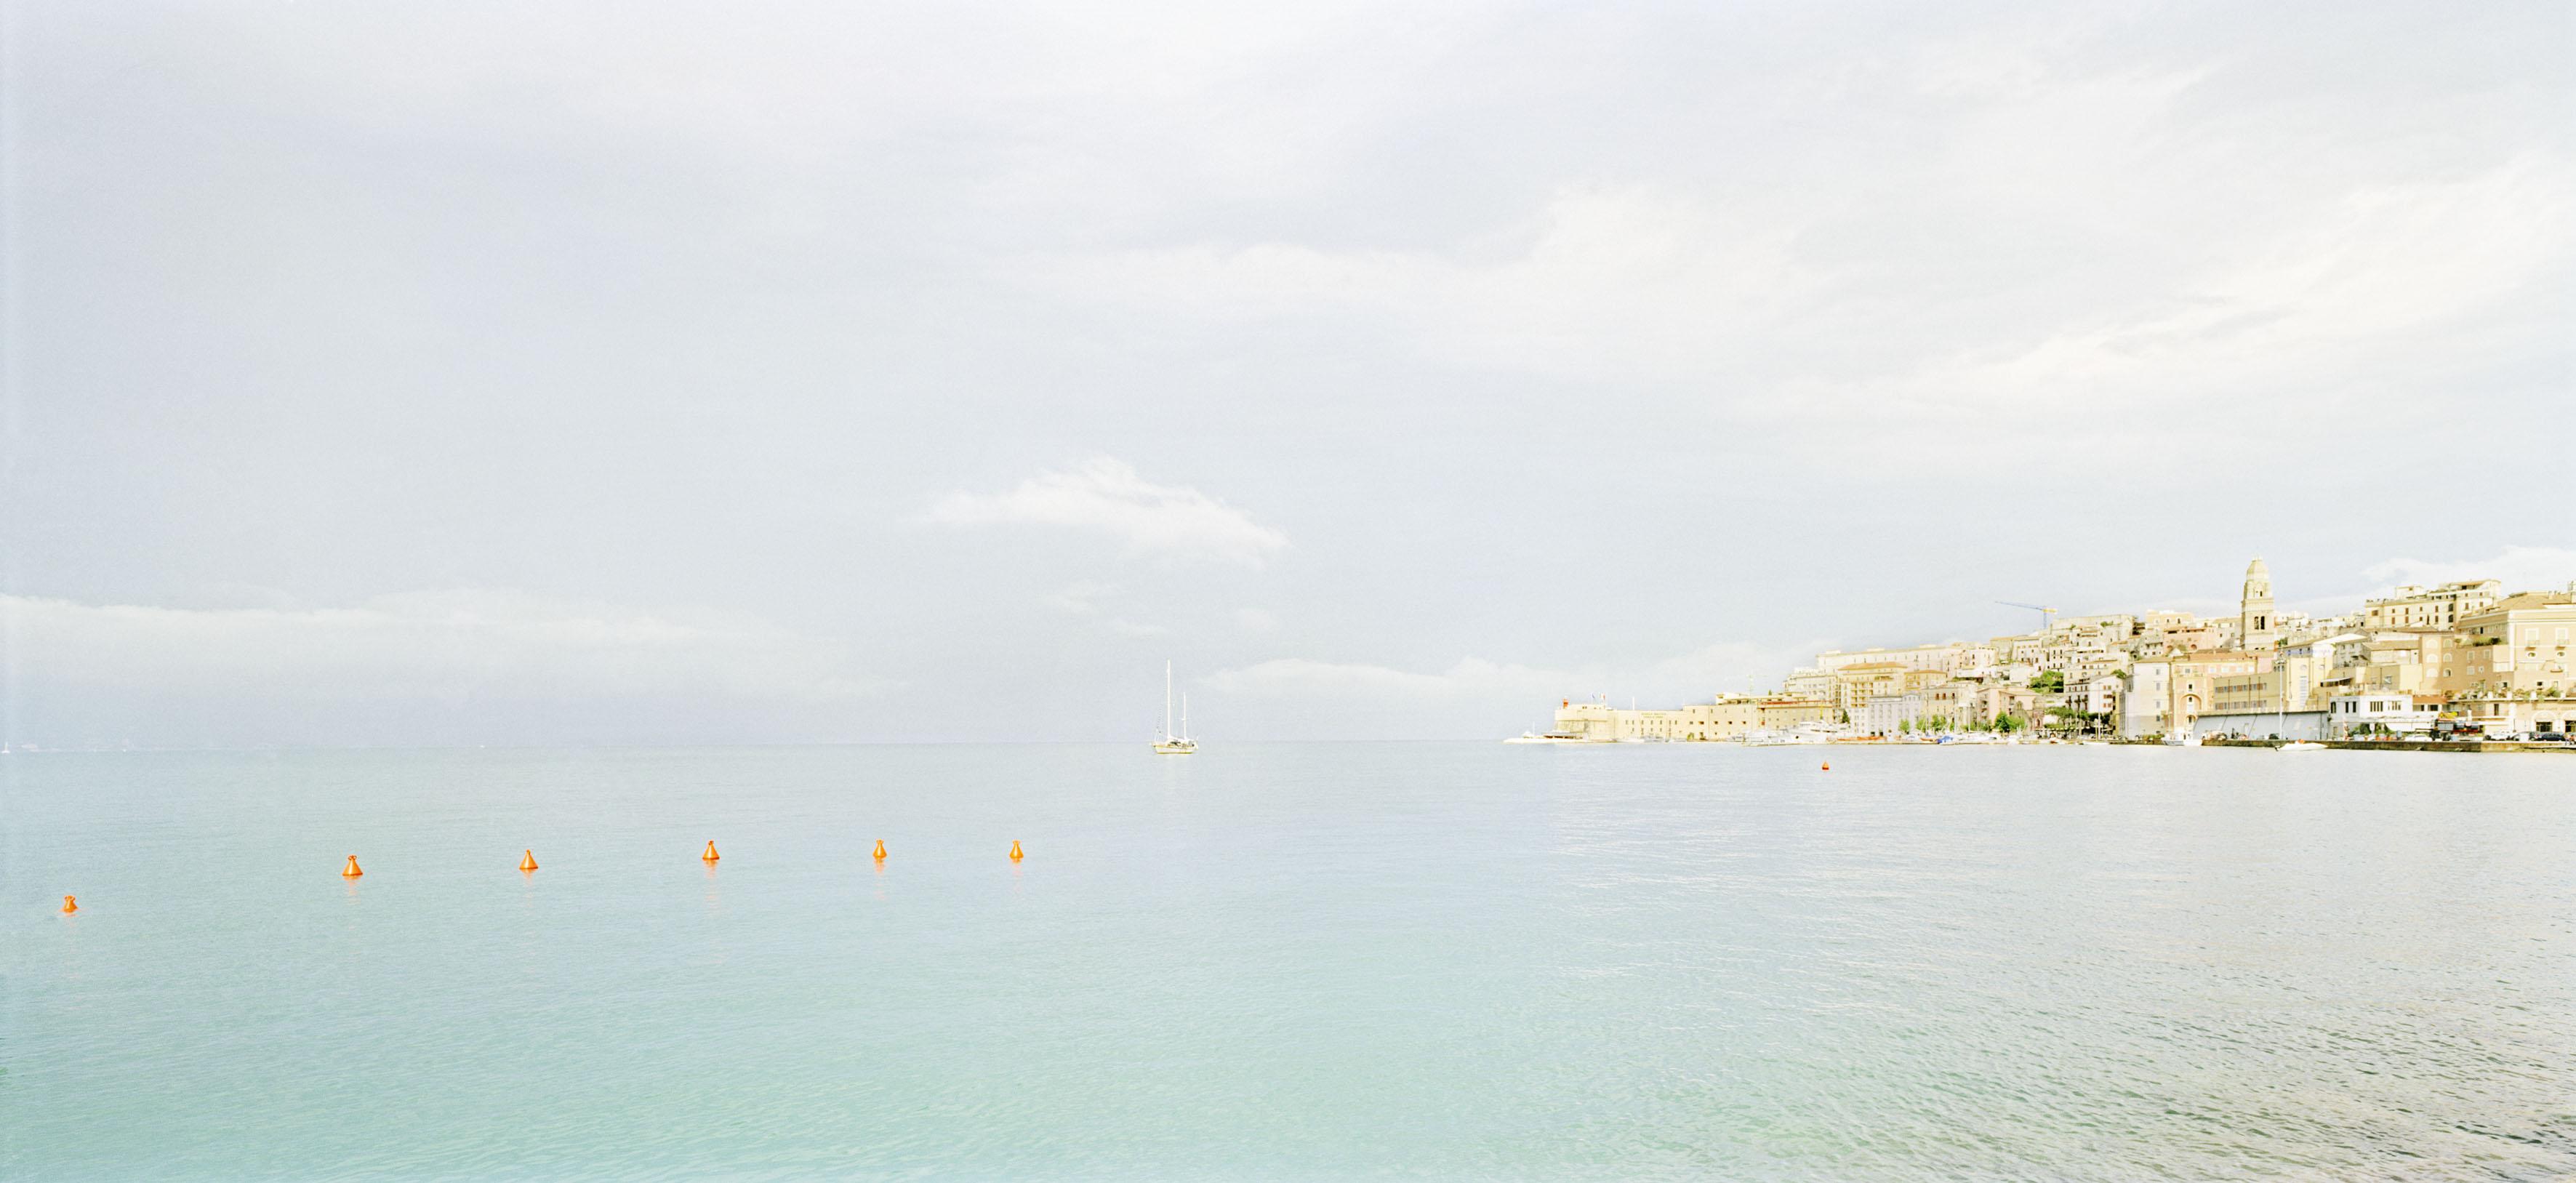 ©-Massimo-Siragusa-Le-Boe-Gaeta-2007